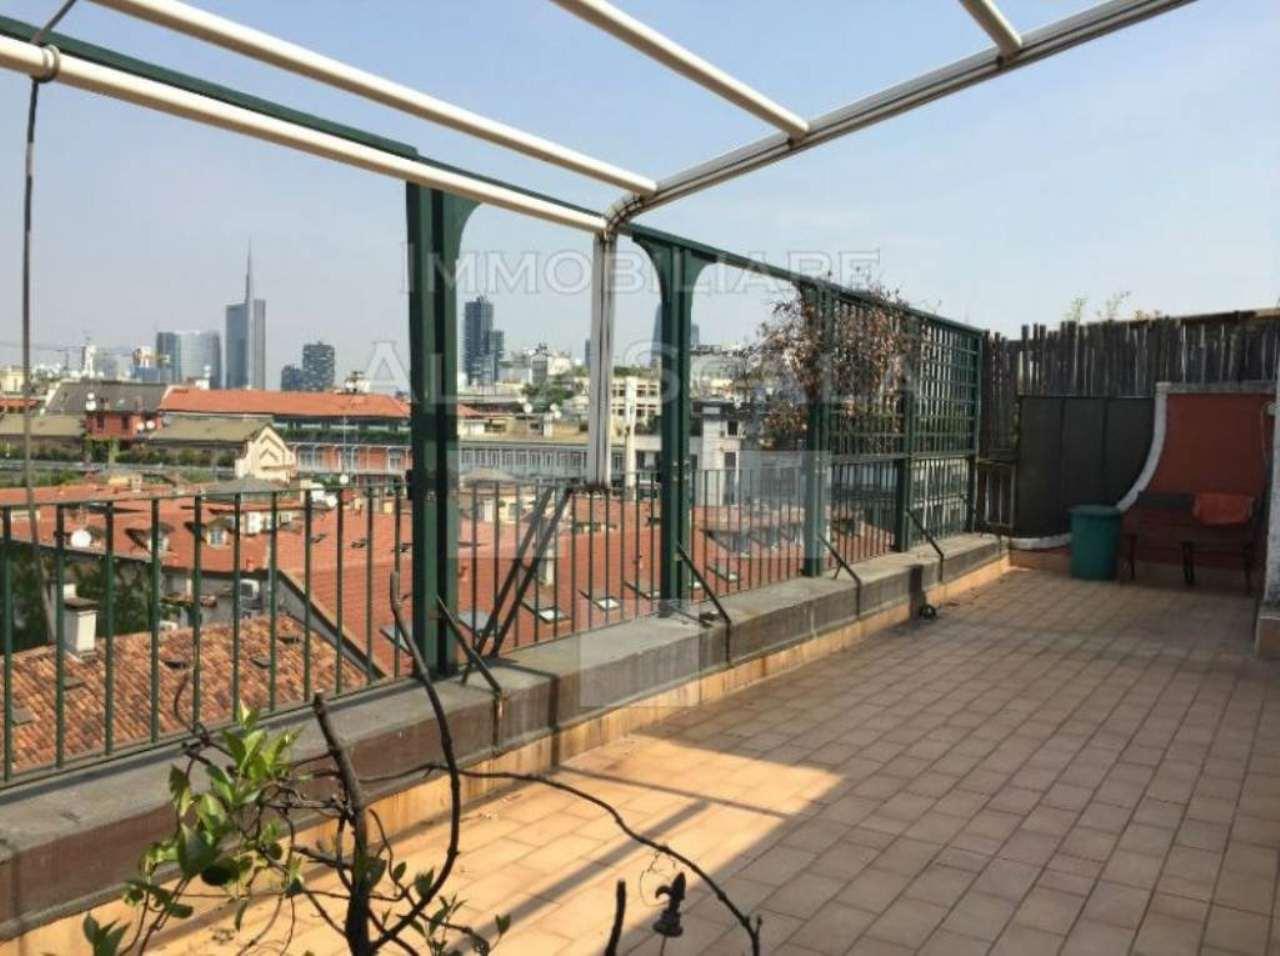 attico con terrazzo a Milano - Cambiocasa.it